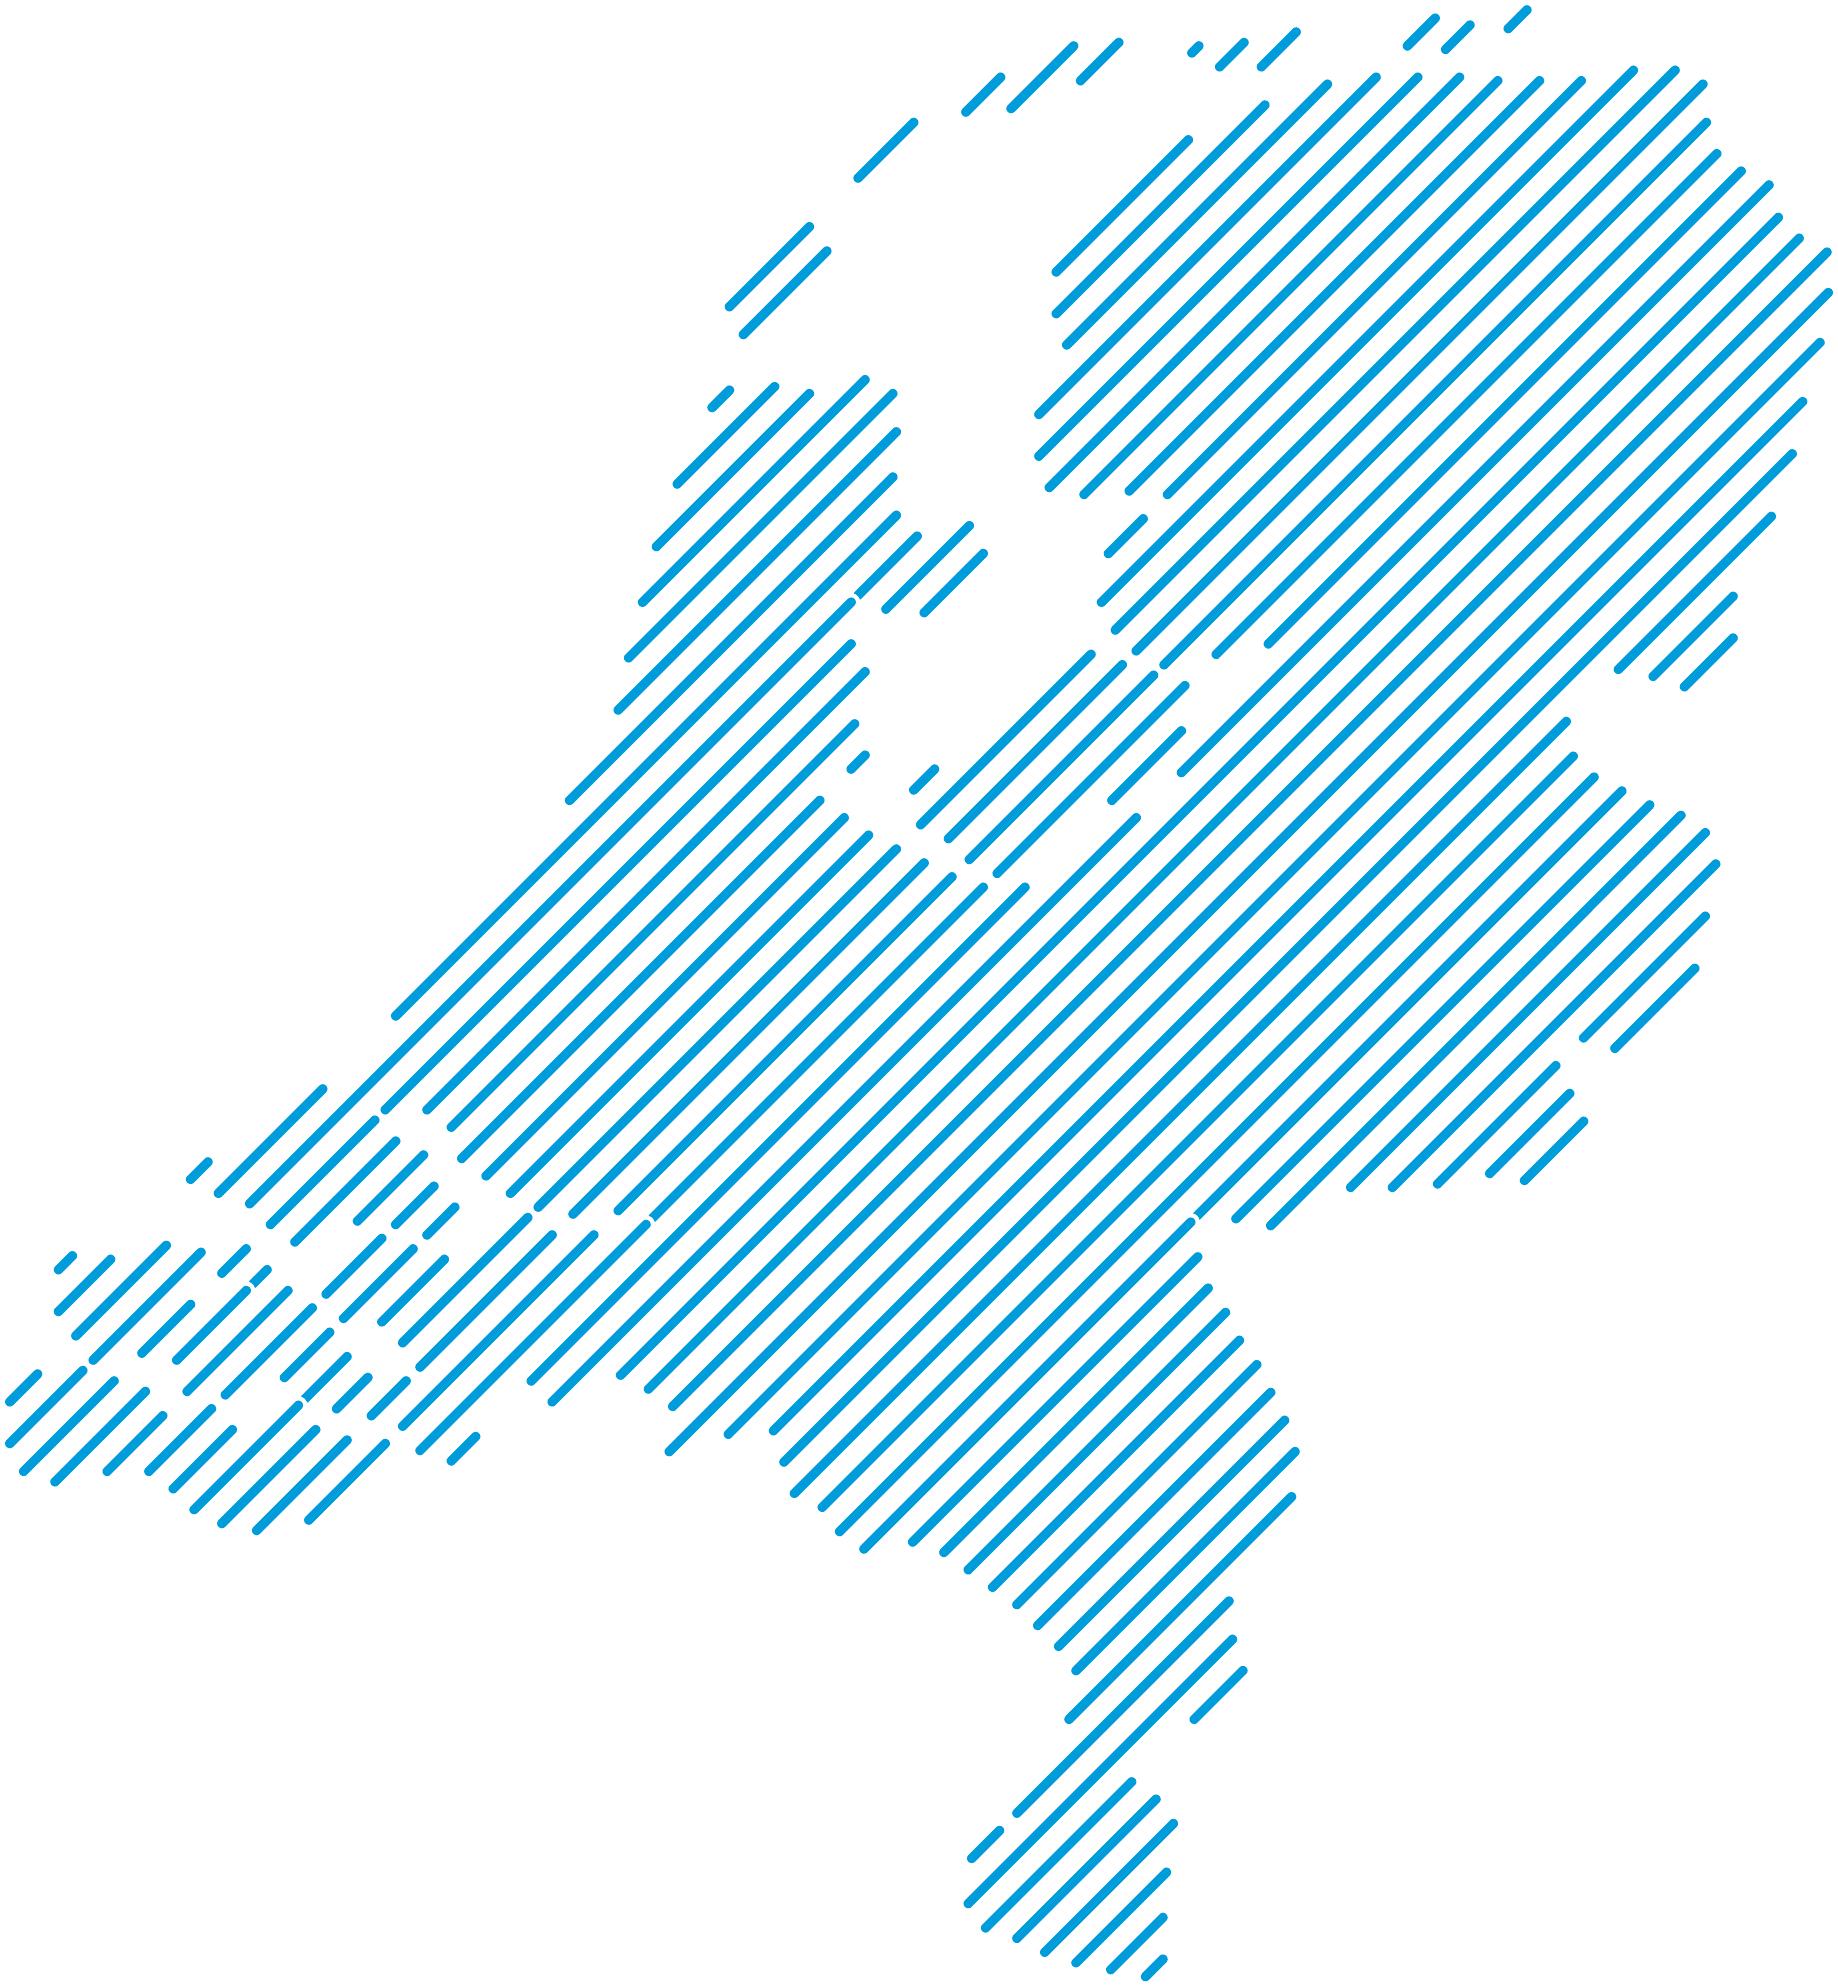 Kaart van nederland met vestigingen van Veilig Thuis